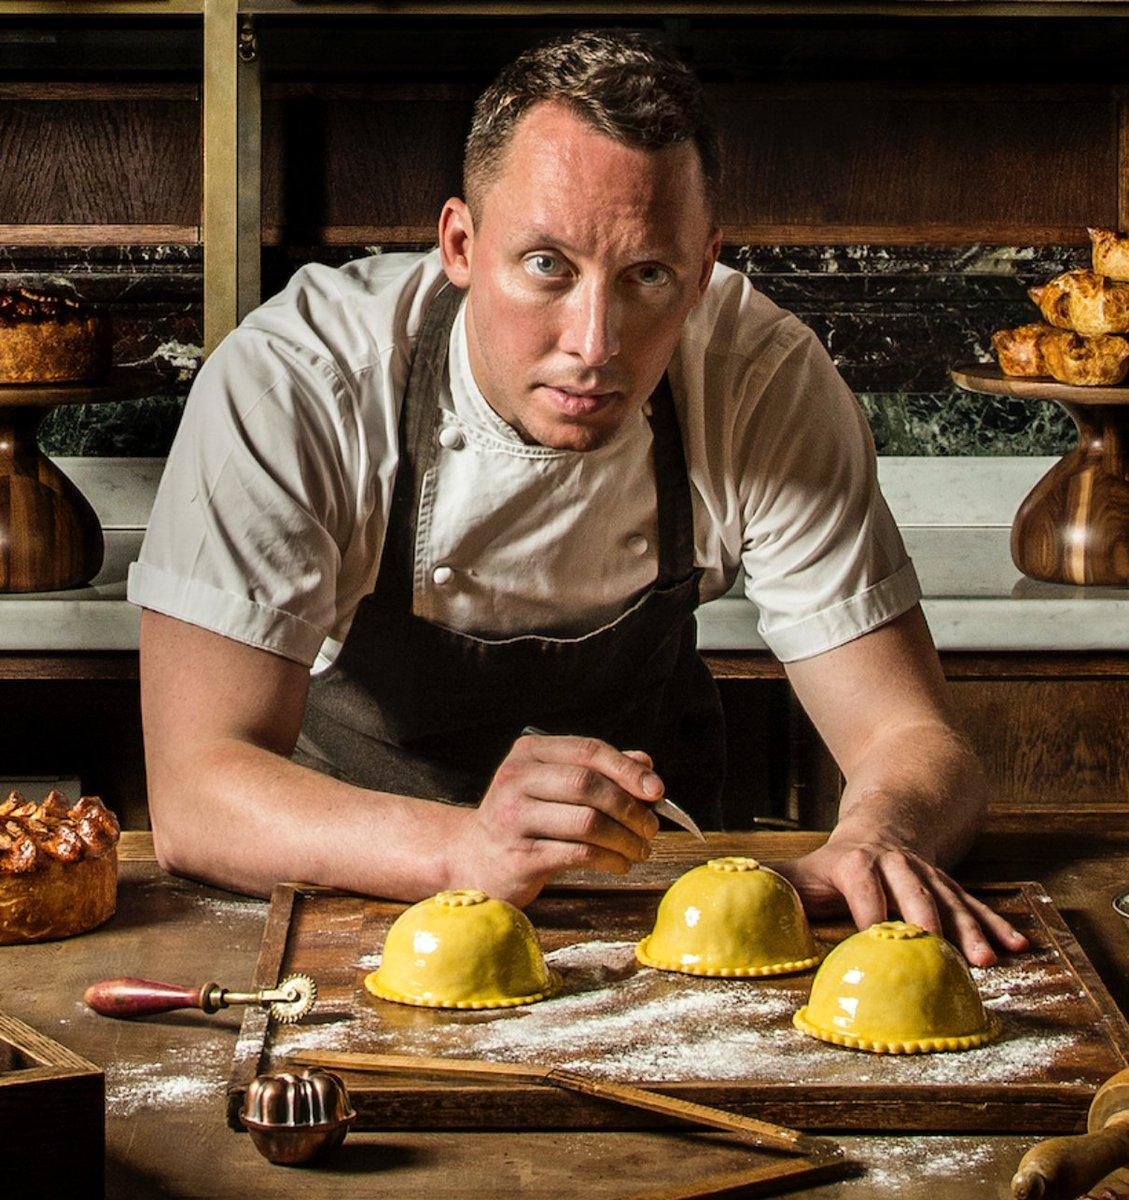 Le chef Calum Franklin du @HolbornDining, voyagera de Londres jusqu'à notre cuisine pour combiner ses talents culinaires à ceux de notre chef pendant @MTLenLumiere!    Info et réservations : https://t.co/rK44g1kom1  #aubergesaintgab #MTL #Foodie https://t.co/RZFYFsTGVi